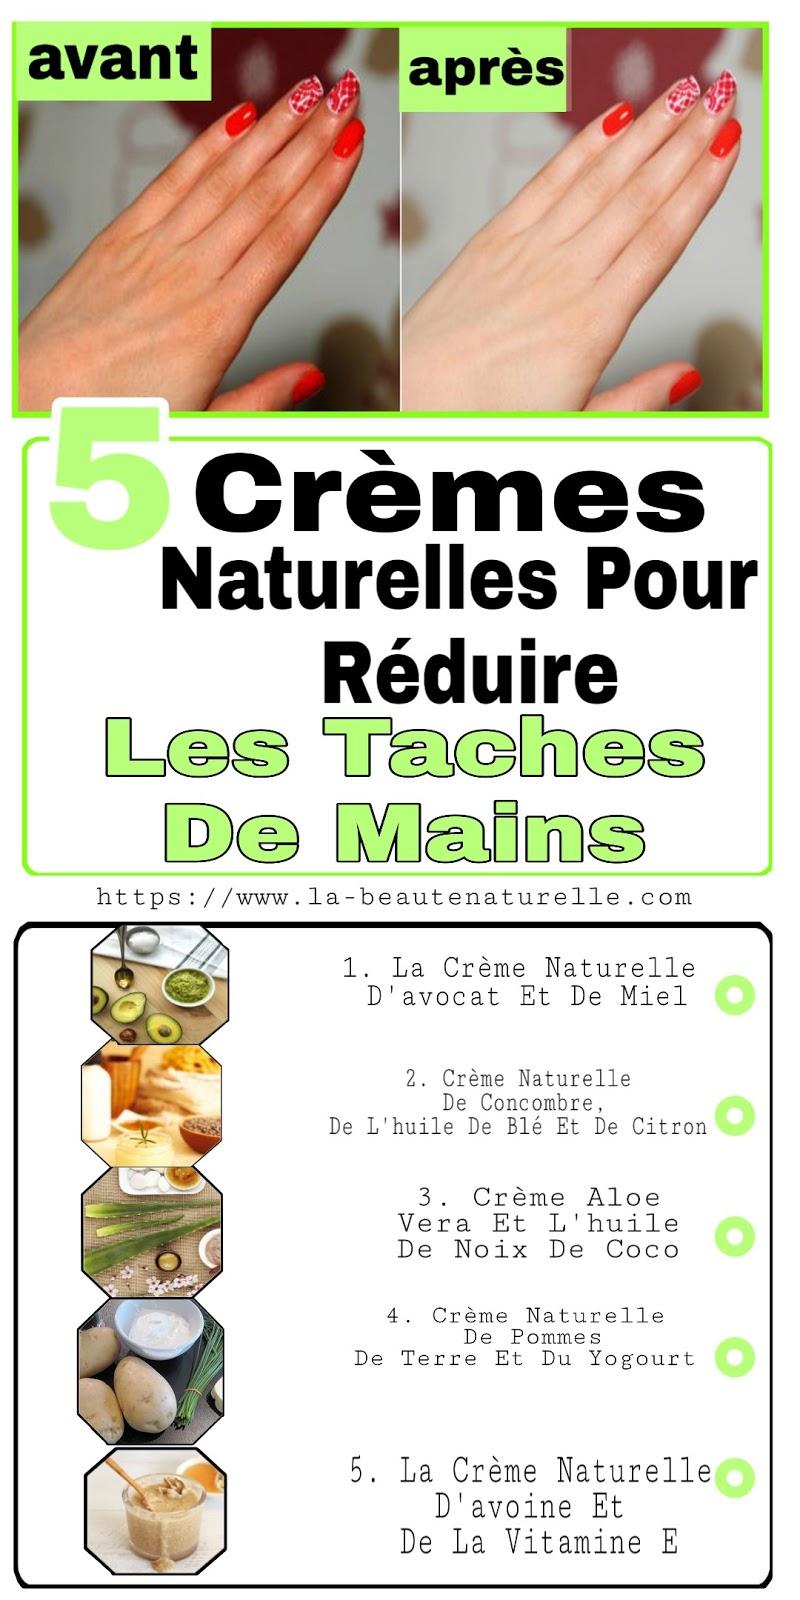 5 Crèmes Naturelles Pour Réduire Les Taches De Mains